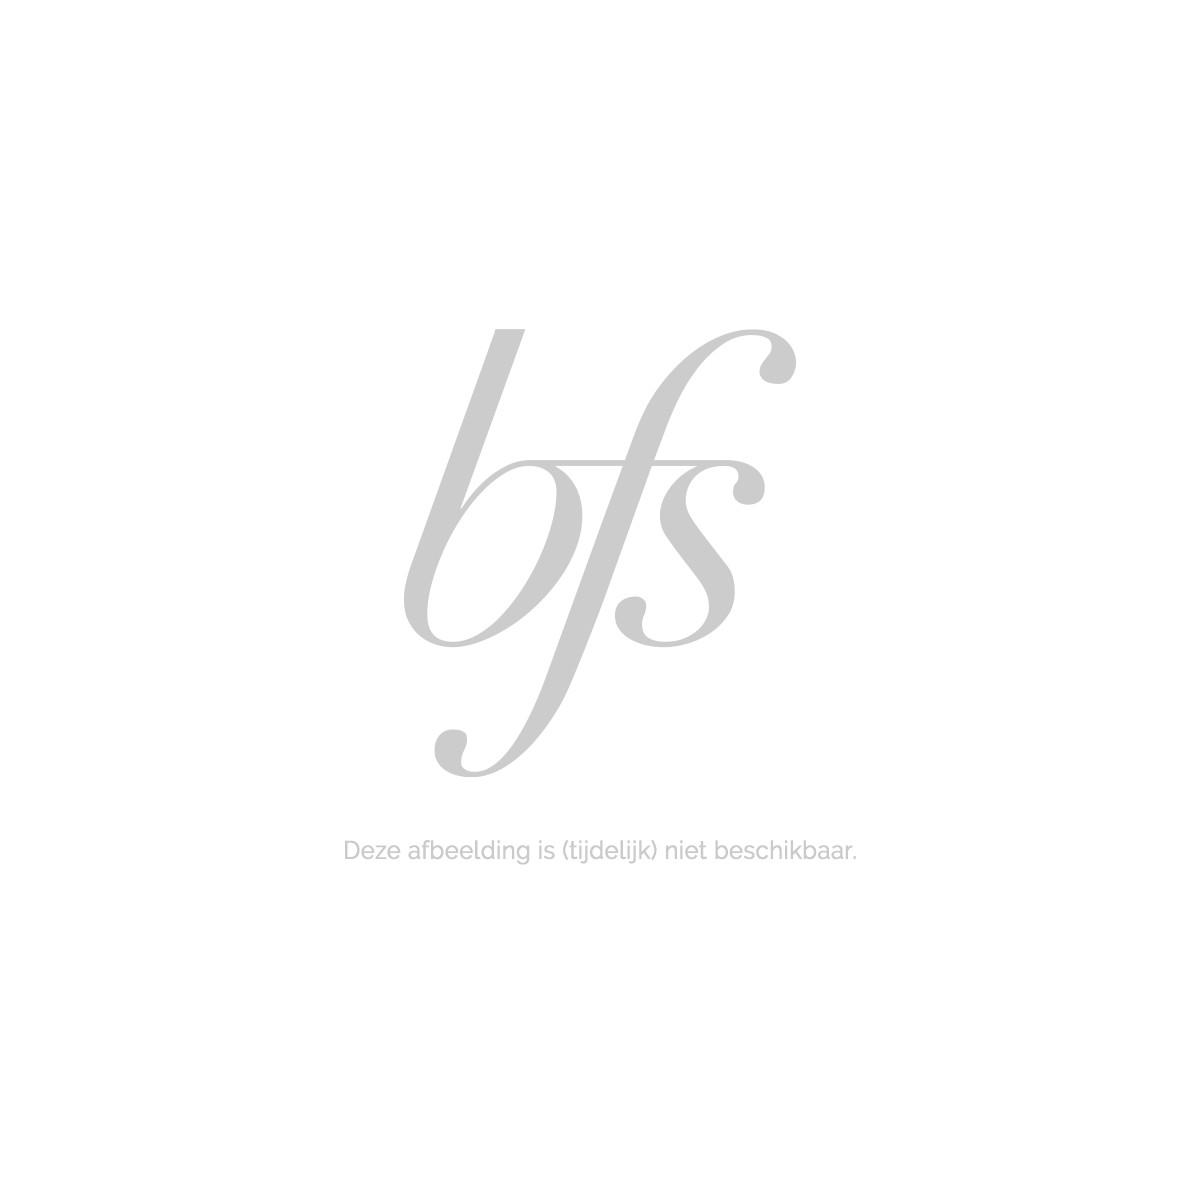 Bourjois Instant Dry Instant Dry